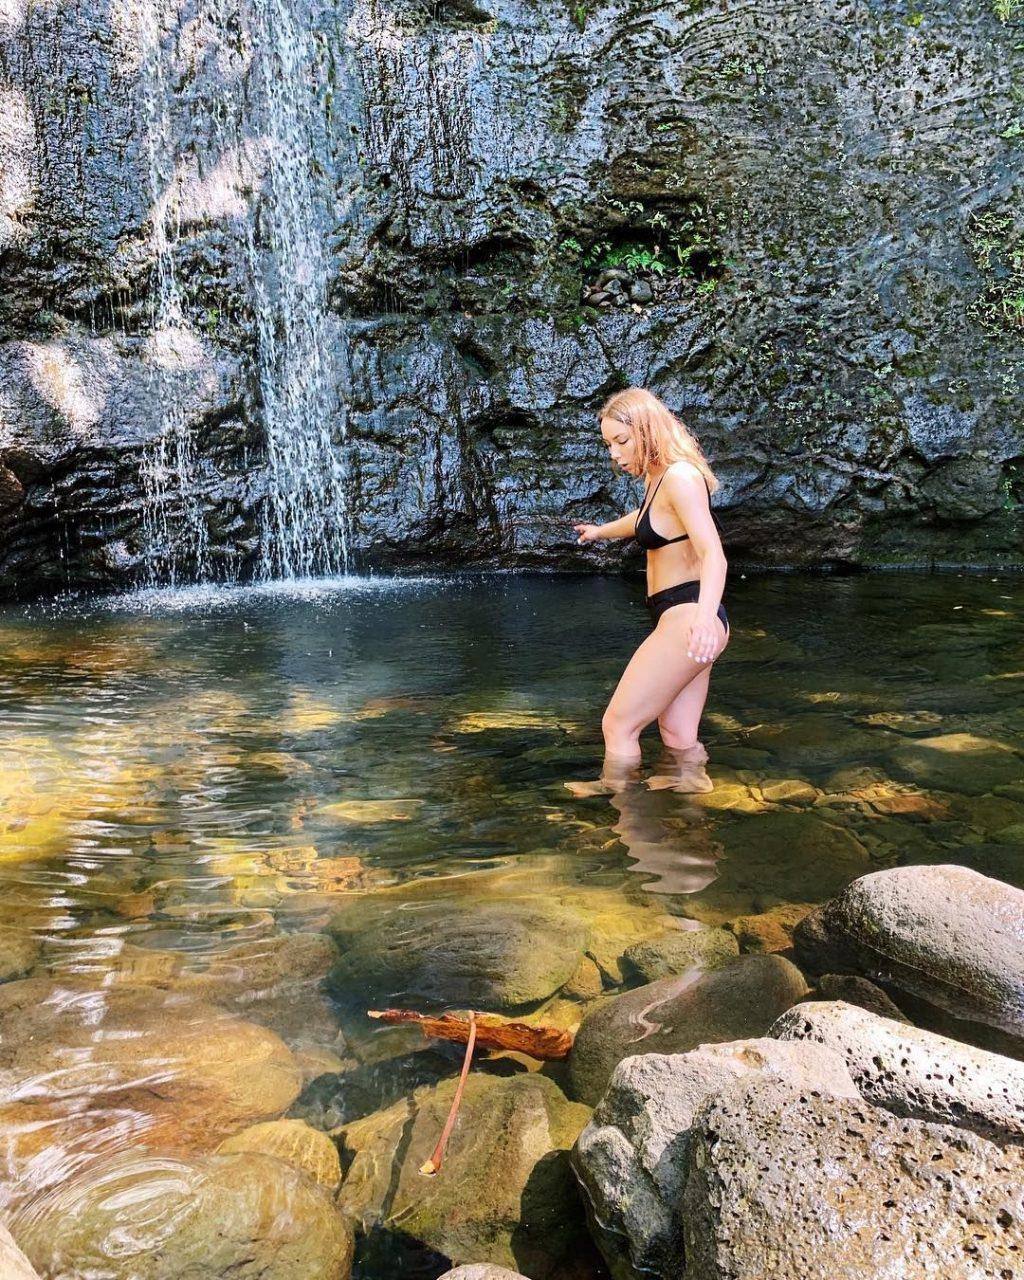 Hailie Scott Bikini